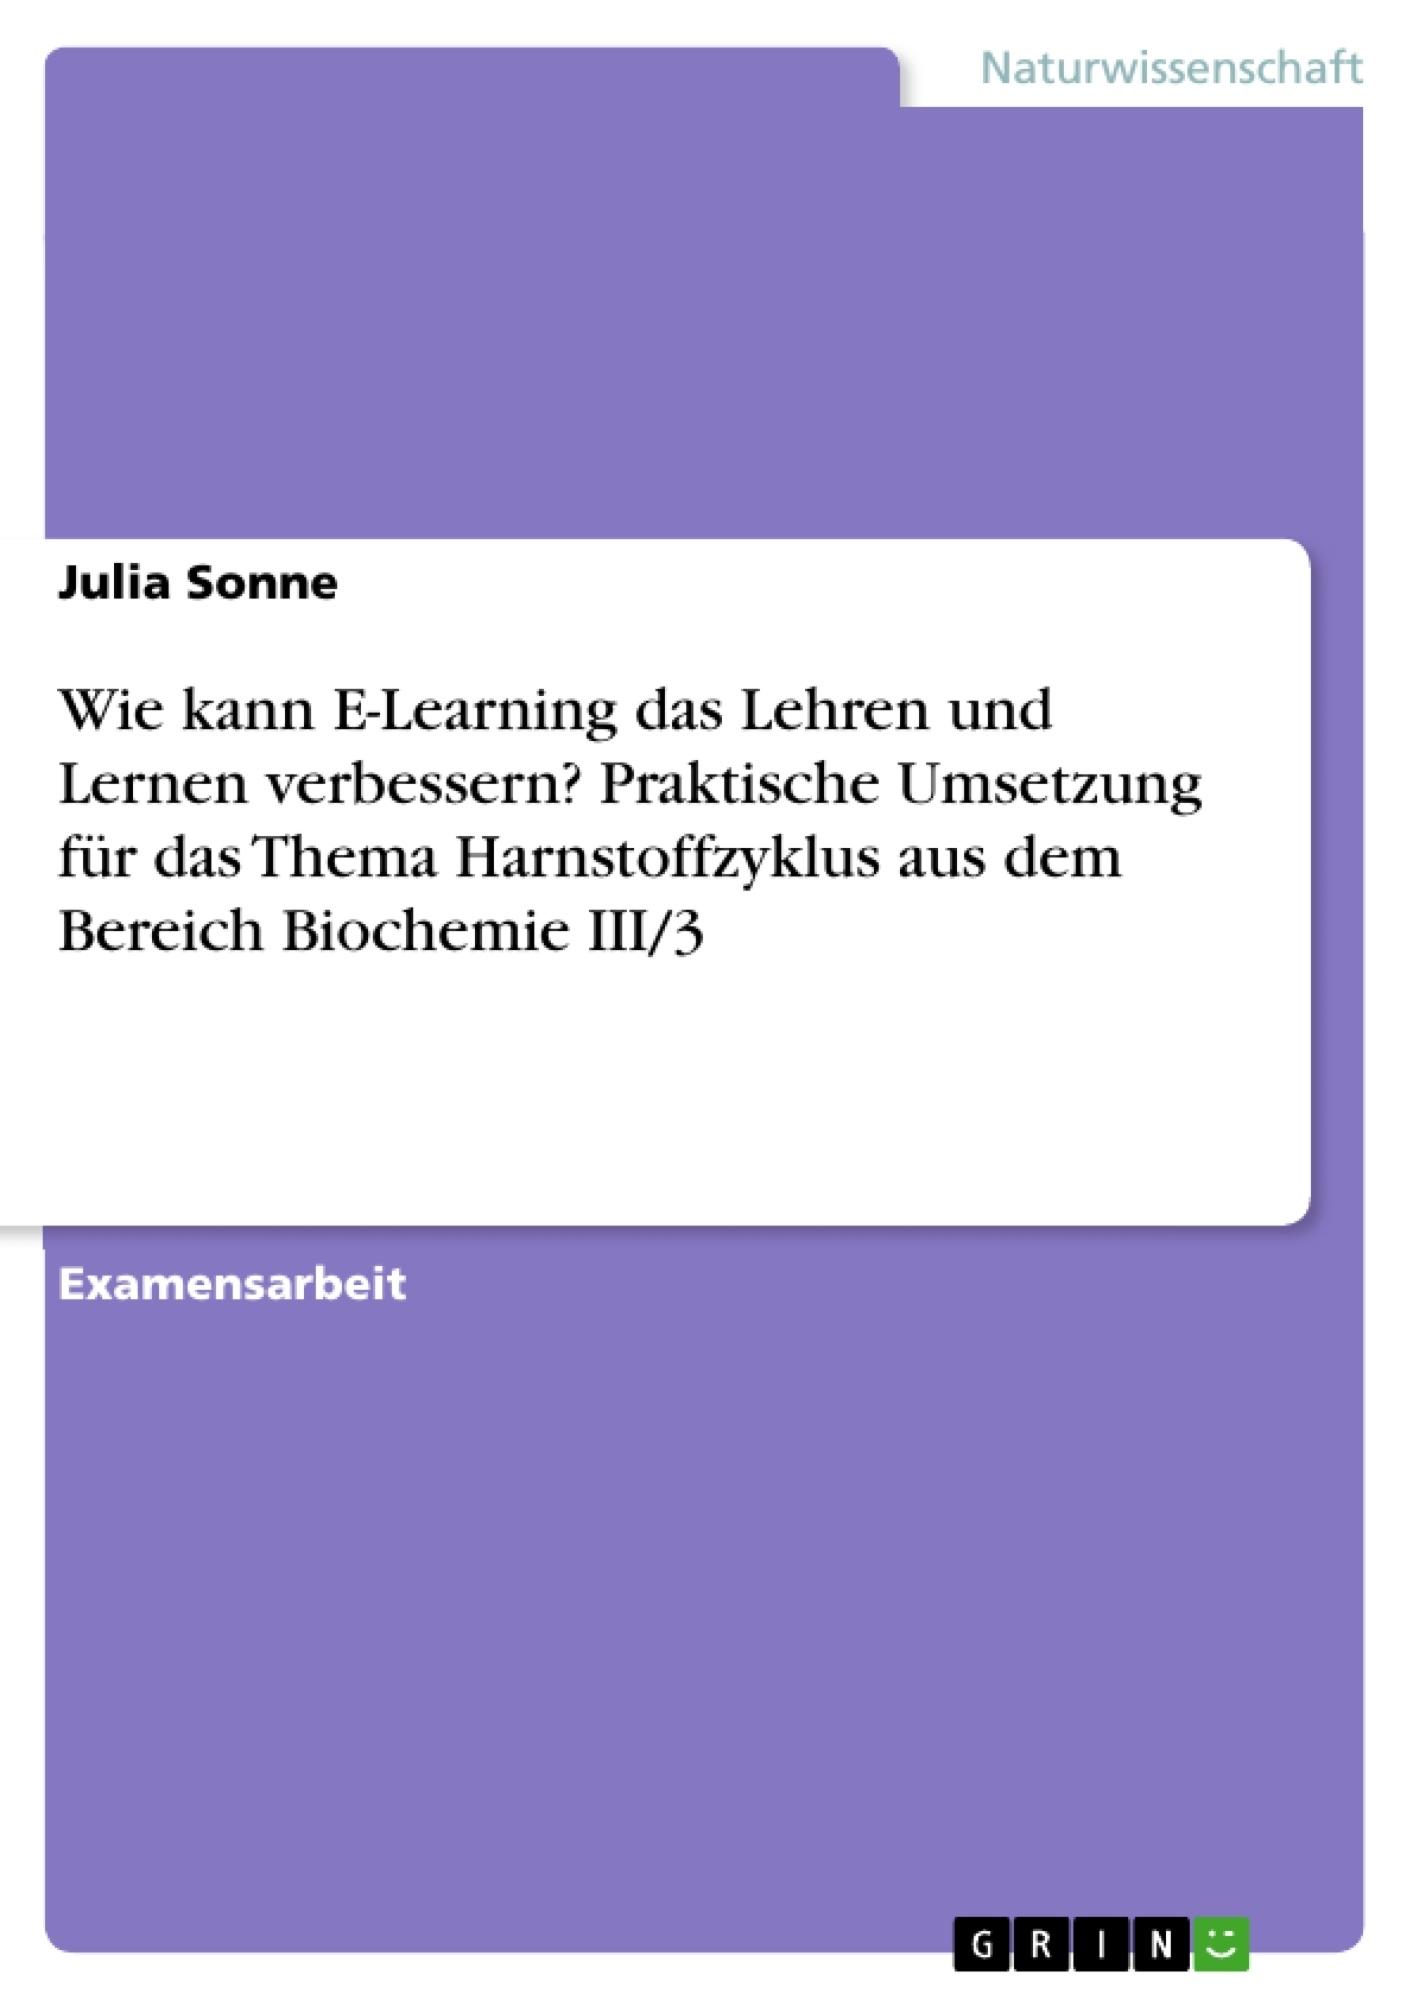 Titel: Wie kann E-Learning das Lehren und Lernen verbessern? Praktische Umsetzung für das Thema Harnstoffzyklus aus dem Bereich Biochemie III/3